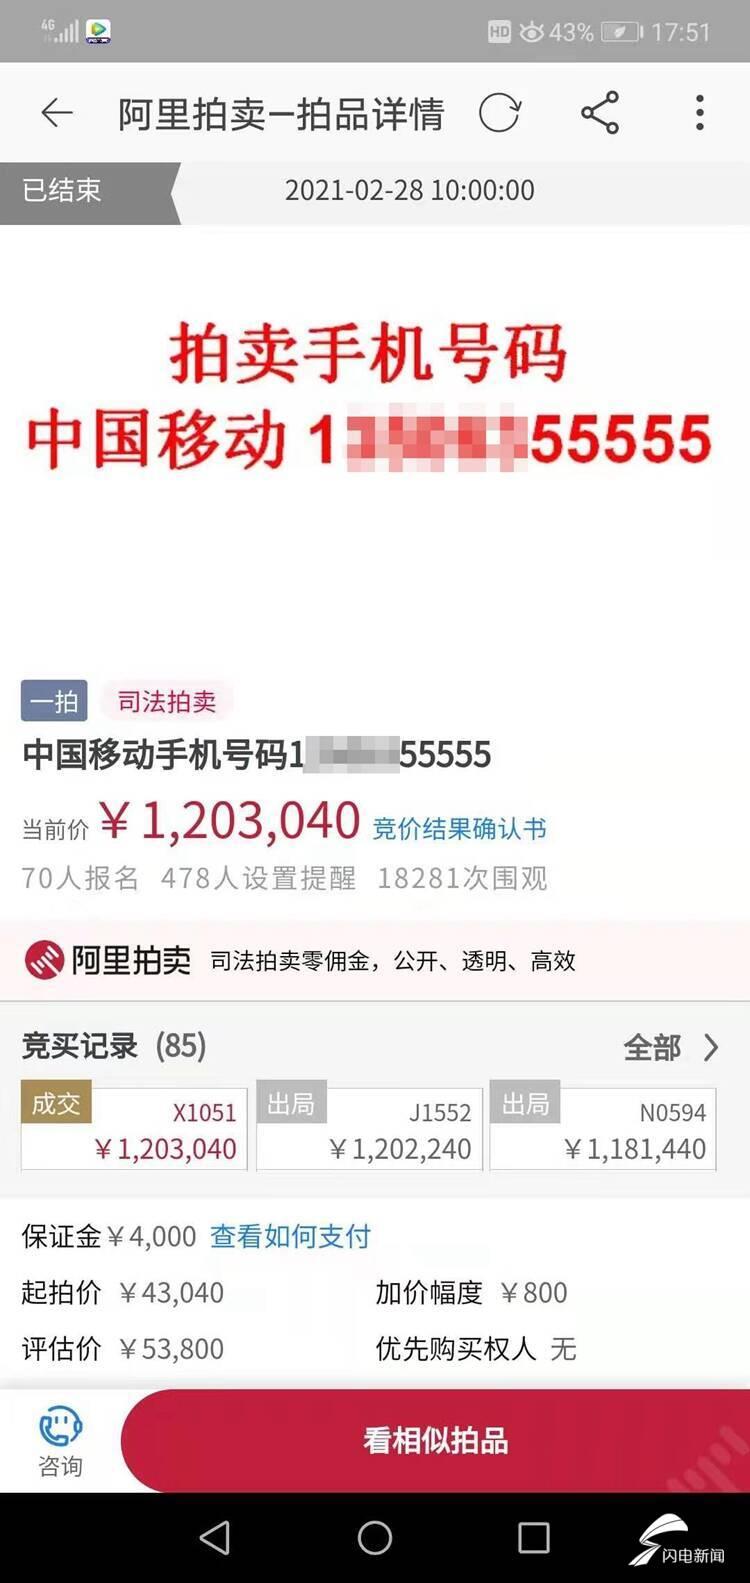 山东聊城55555手机靓号拍卖120万,网友们议论到底值不值?